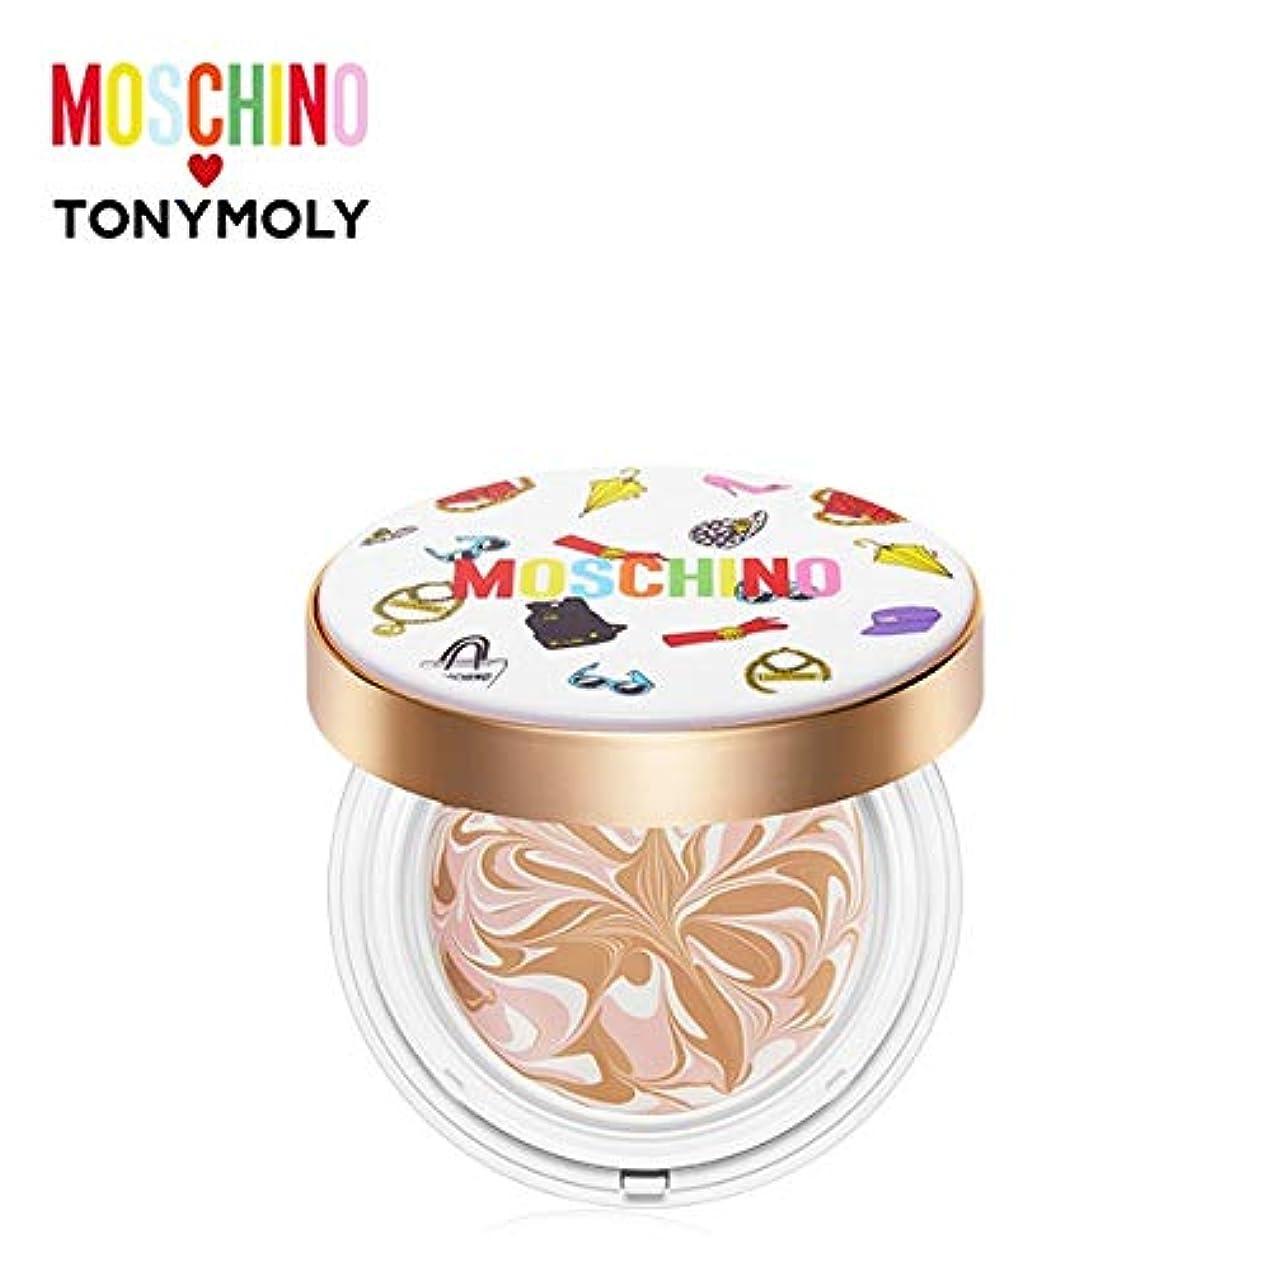 不実フォーカス異形トニーモリー [モスキーノ] シック スキン エッセンス パクト 18g TONYMOLY [MOSCHINO] Chic Skin Essence Pact #02 CHIC BEIGE [並行輸入品]